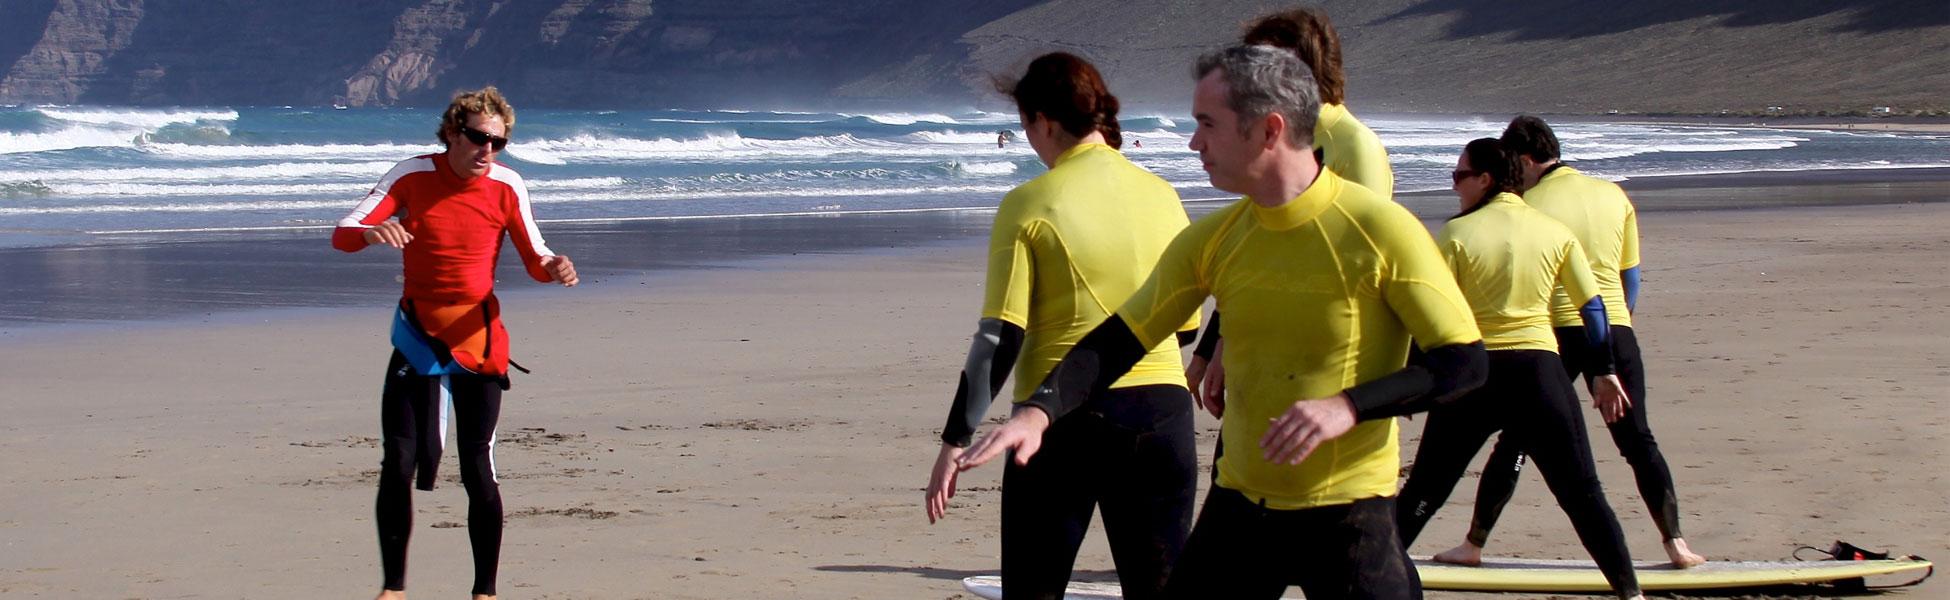 surf camp canarias